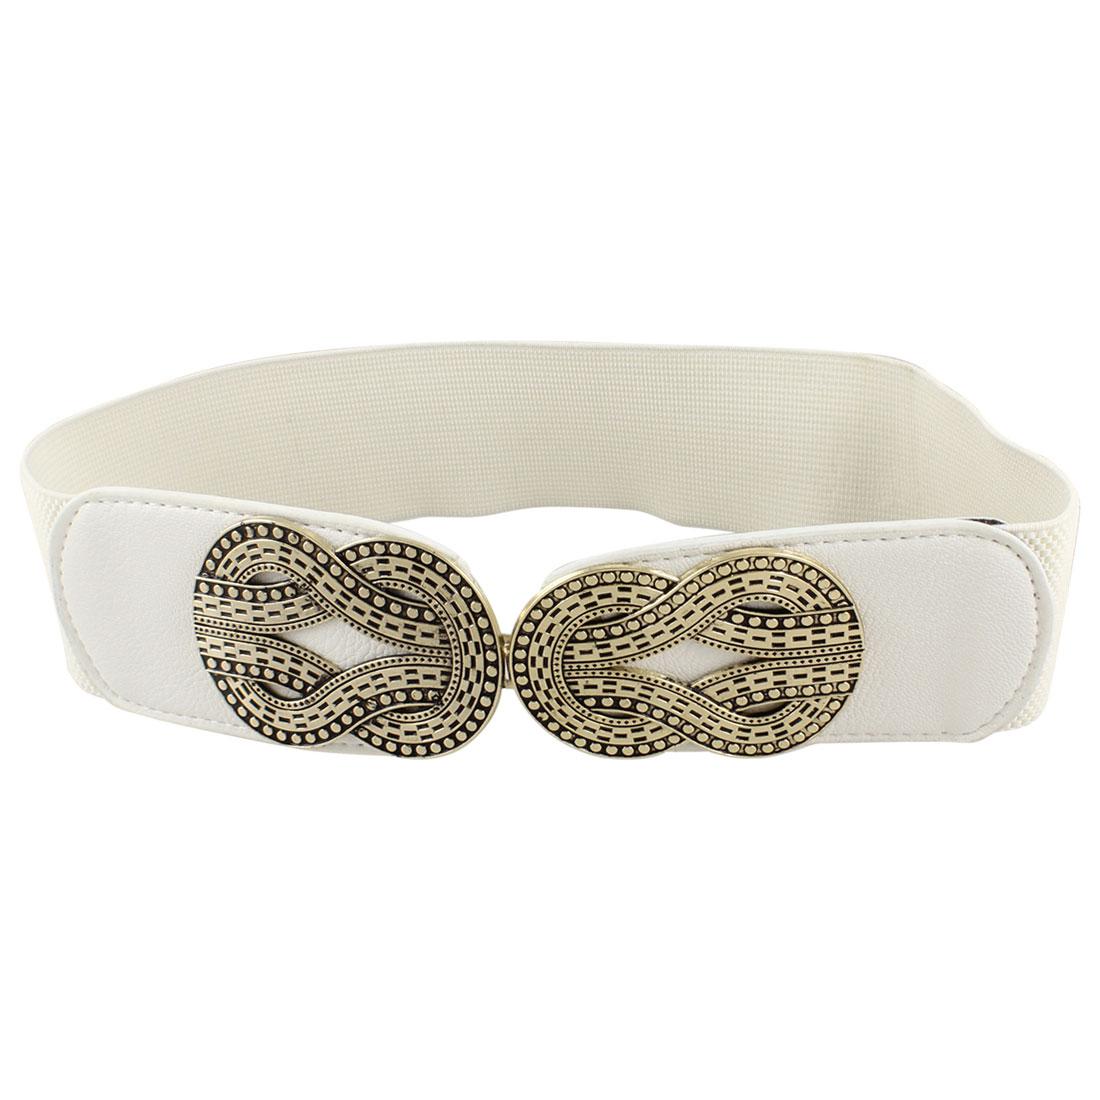 Woman Sign 8 Accent Hook Buckle Waist Belt Waistband Corset Band Cinch White